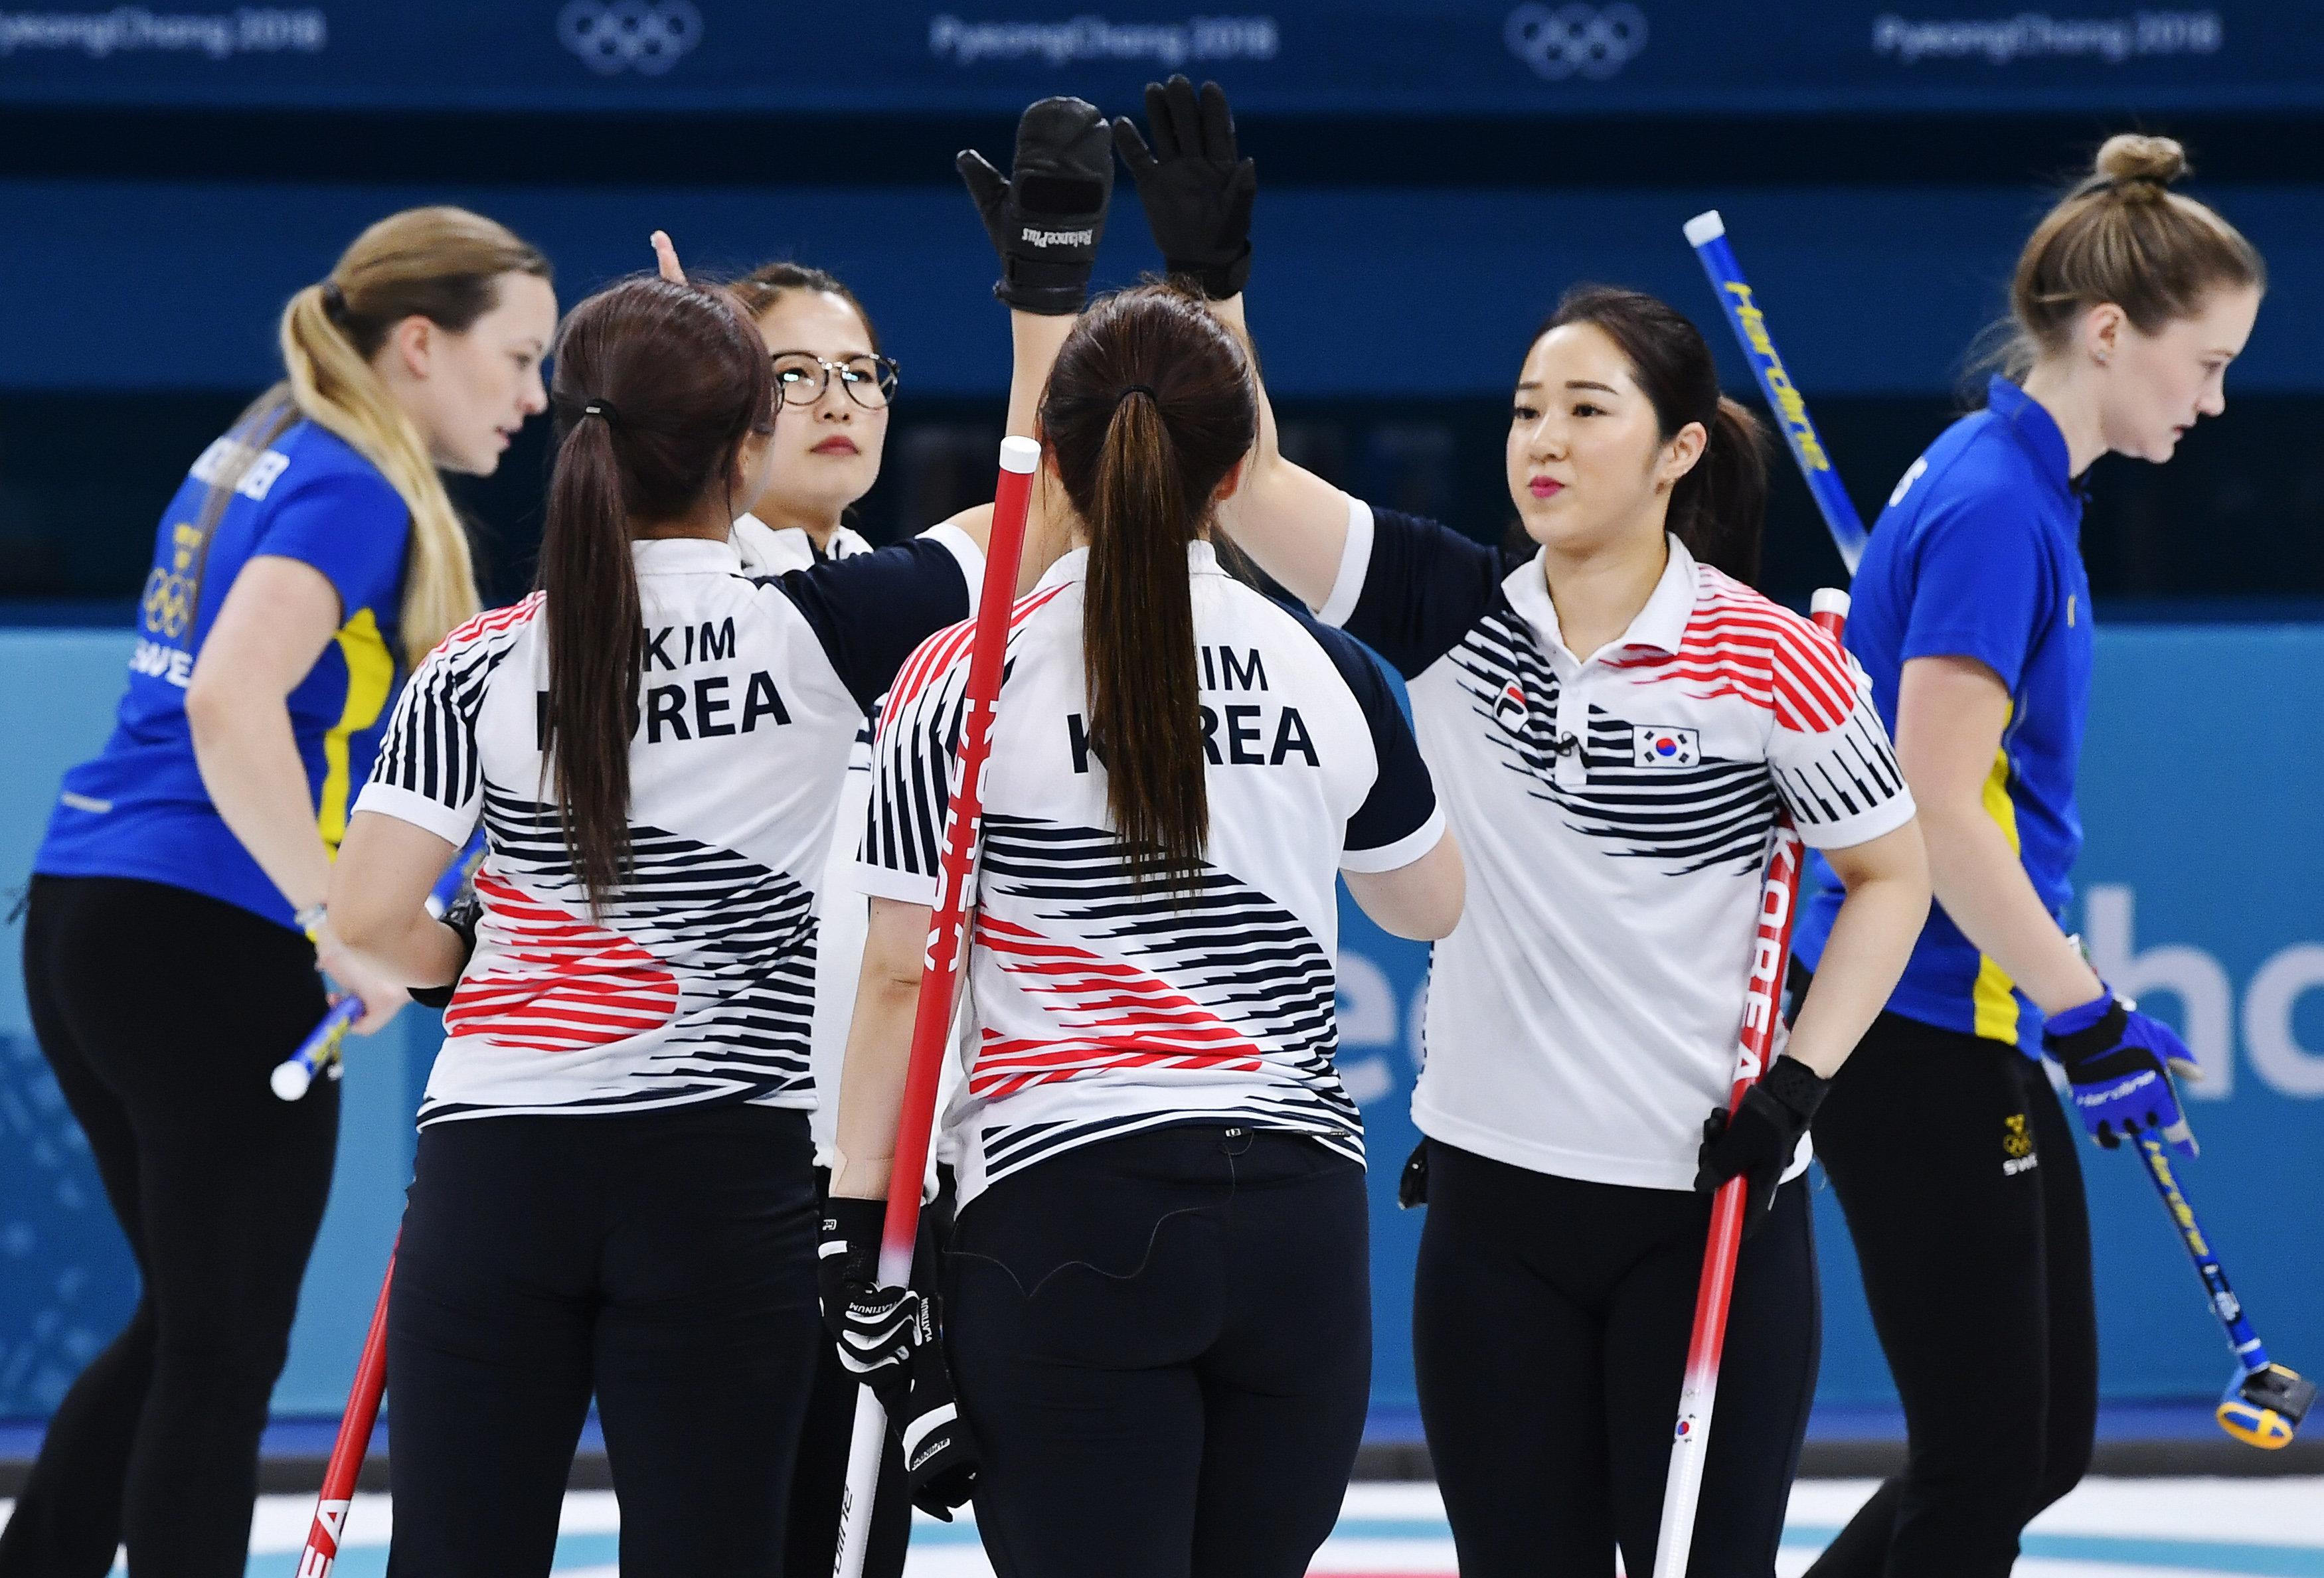 여자 컬링 대표팀이 세운 스웨덴전 필승